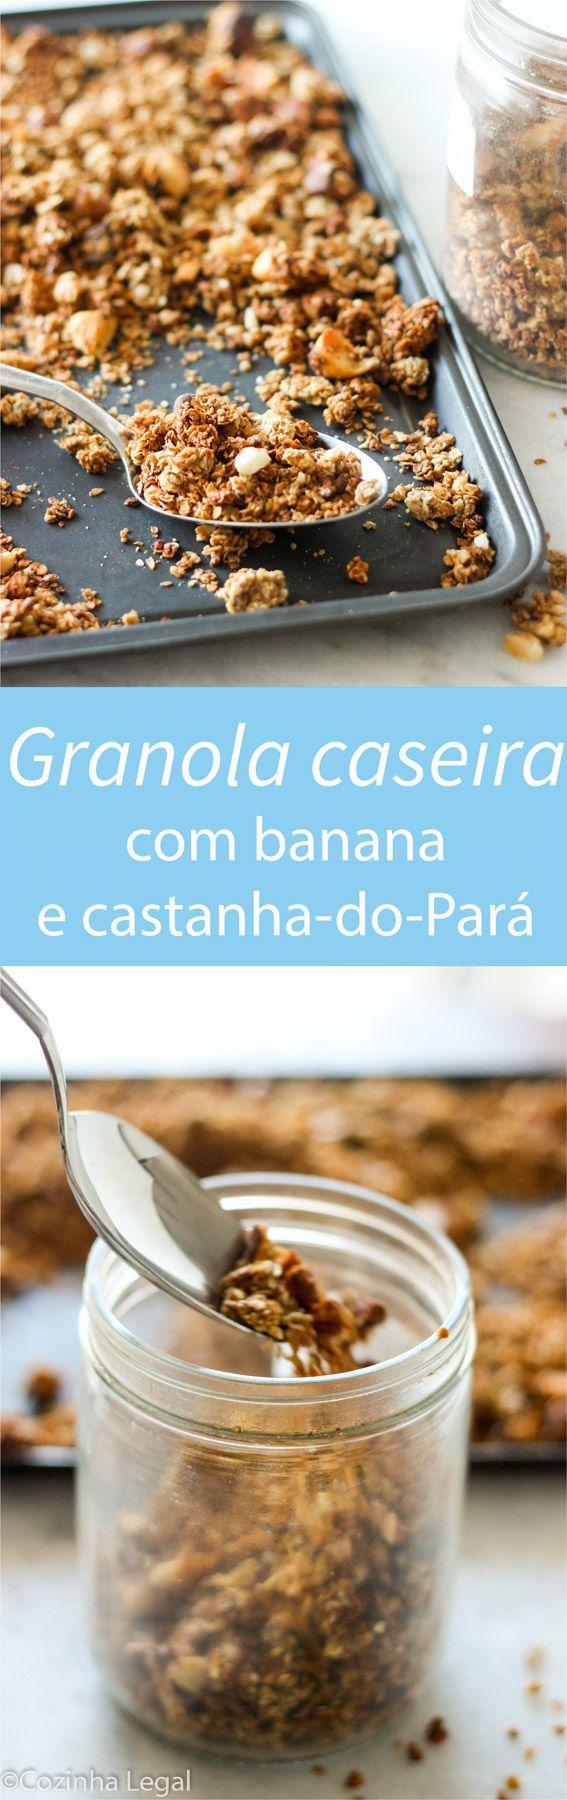 Granola caseira com banana | Cozinha Legal